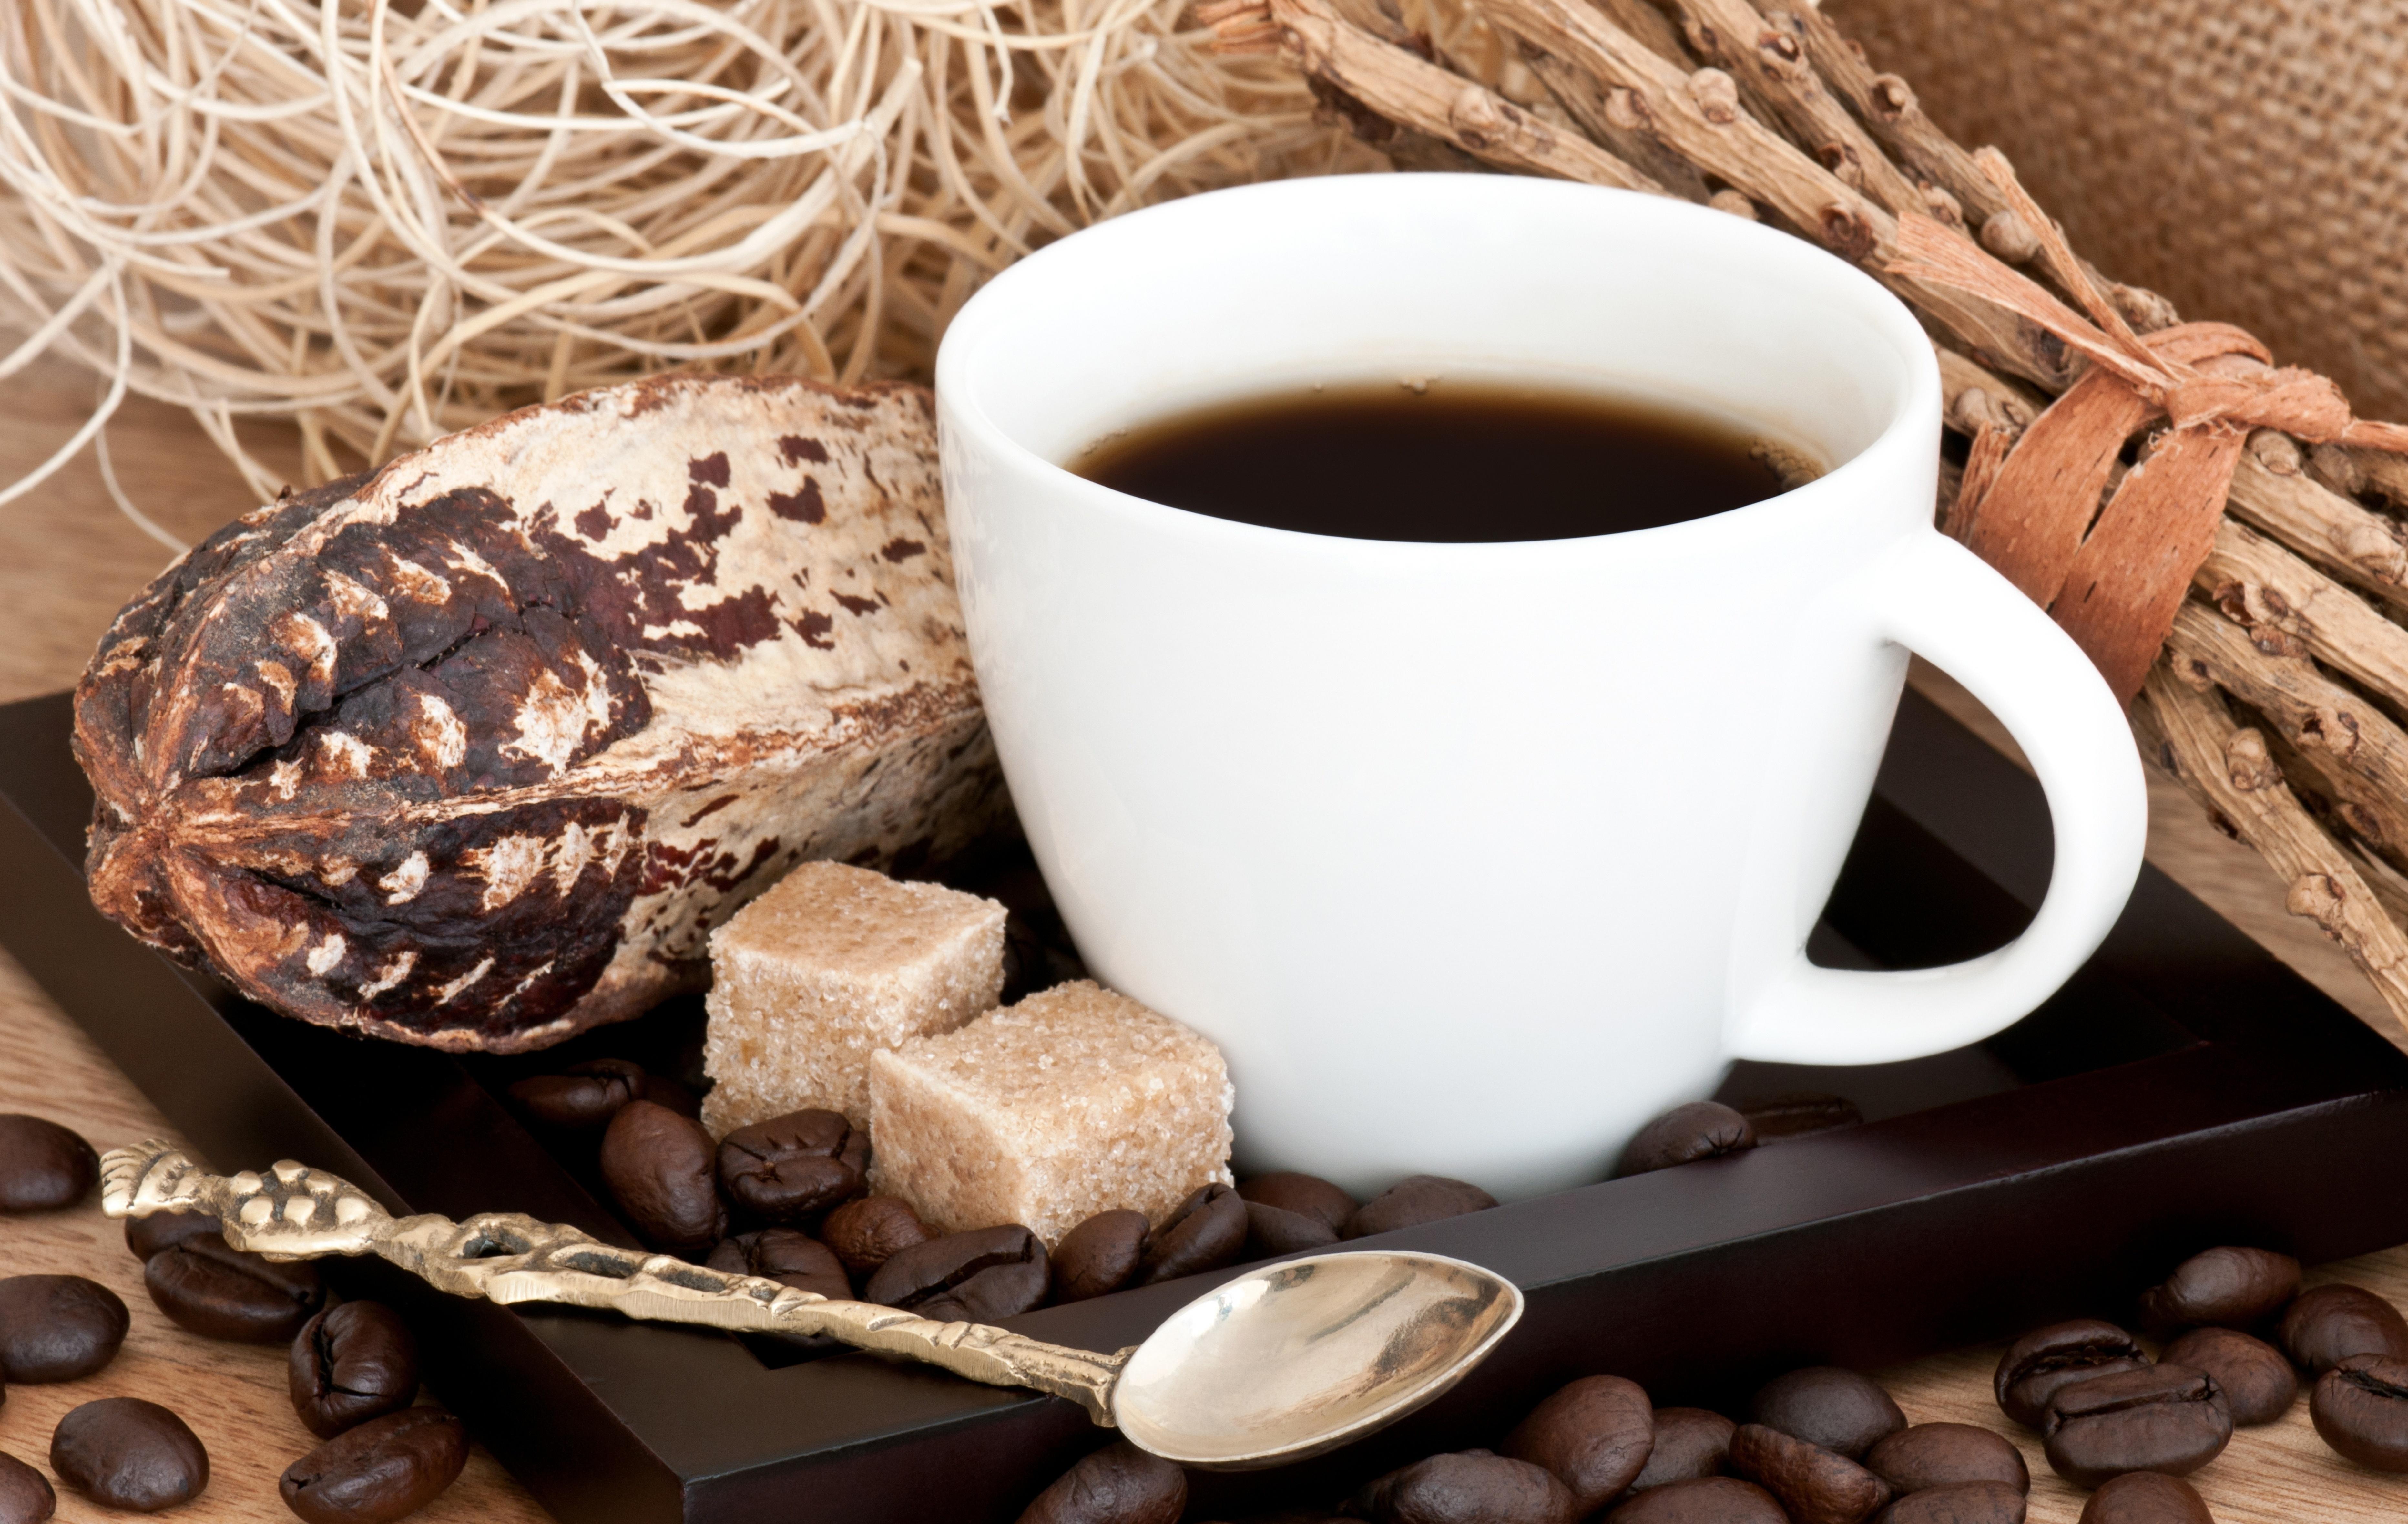 фотографии с кофе большого размера были призваны